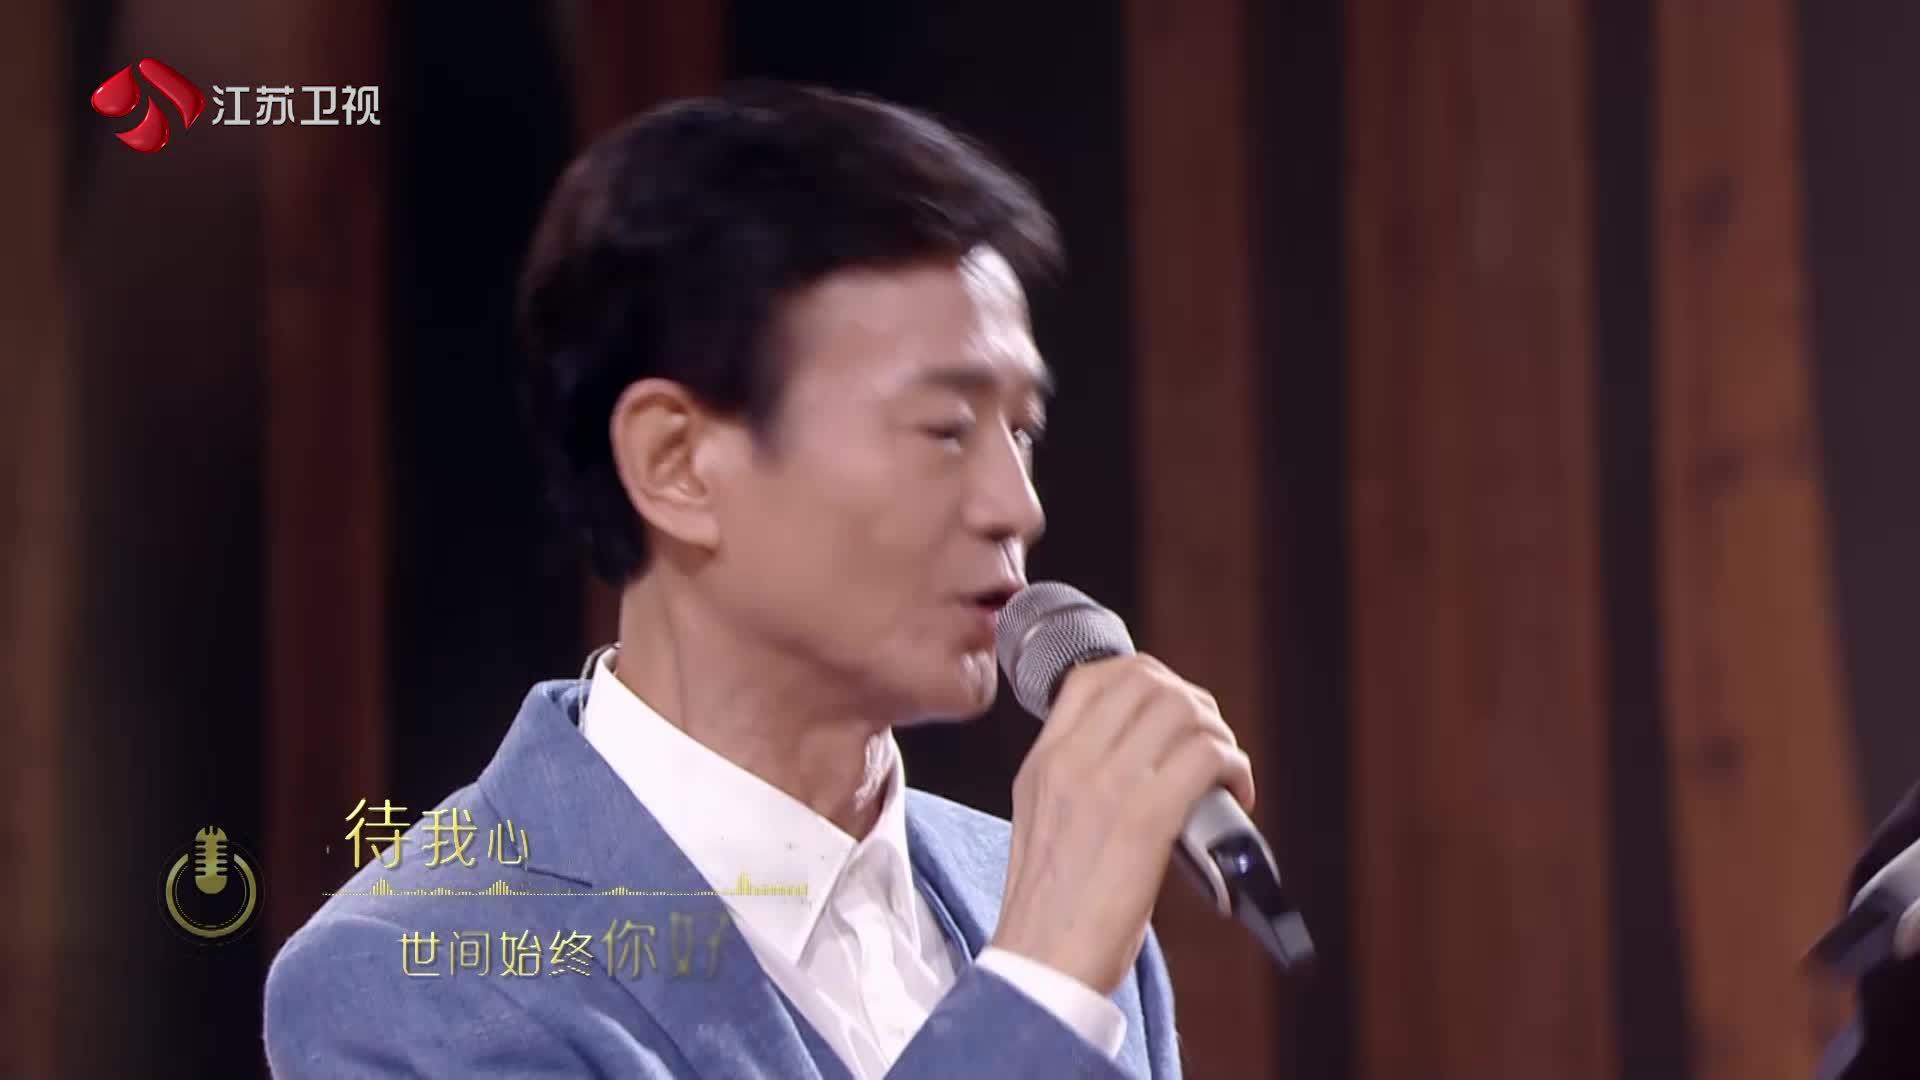 金曲捞之挑战主打歌 郑少秋带领胡夏等新生代歌手再现武侠经典